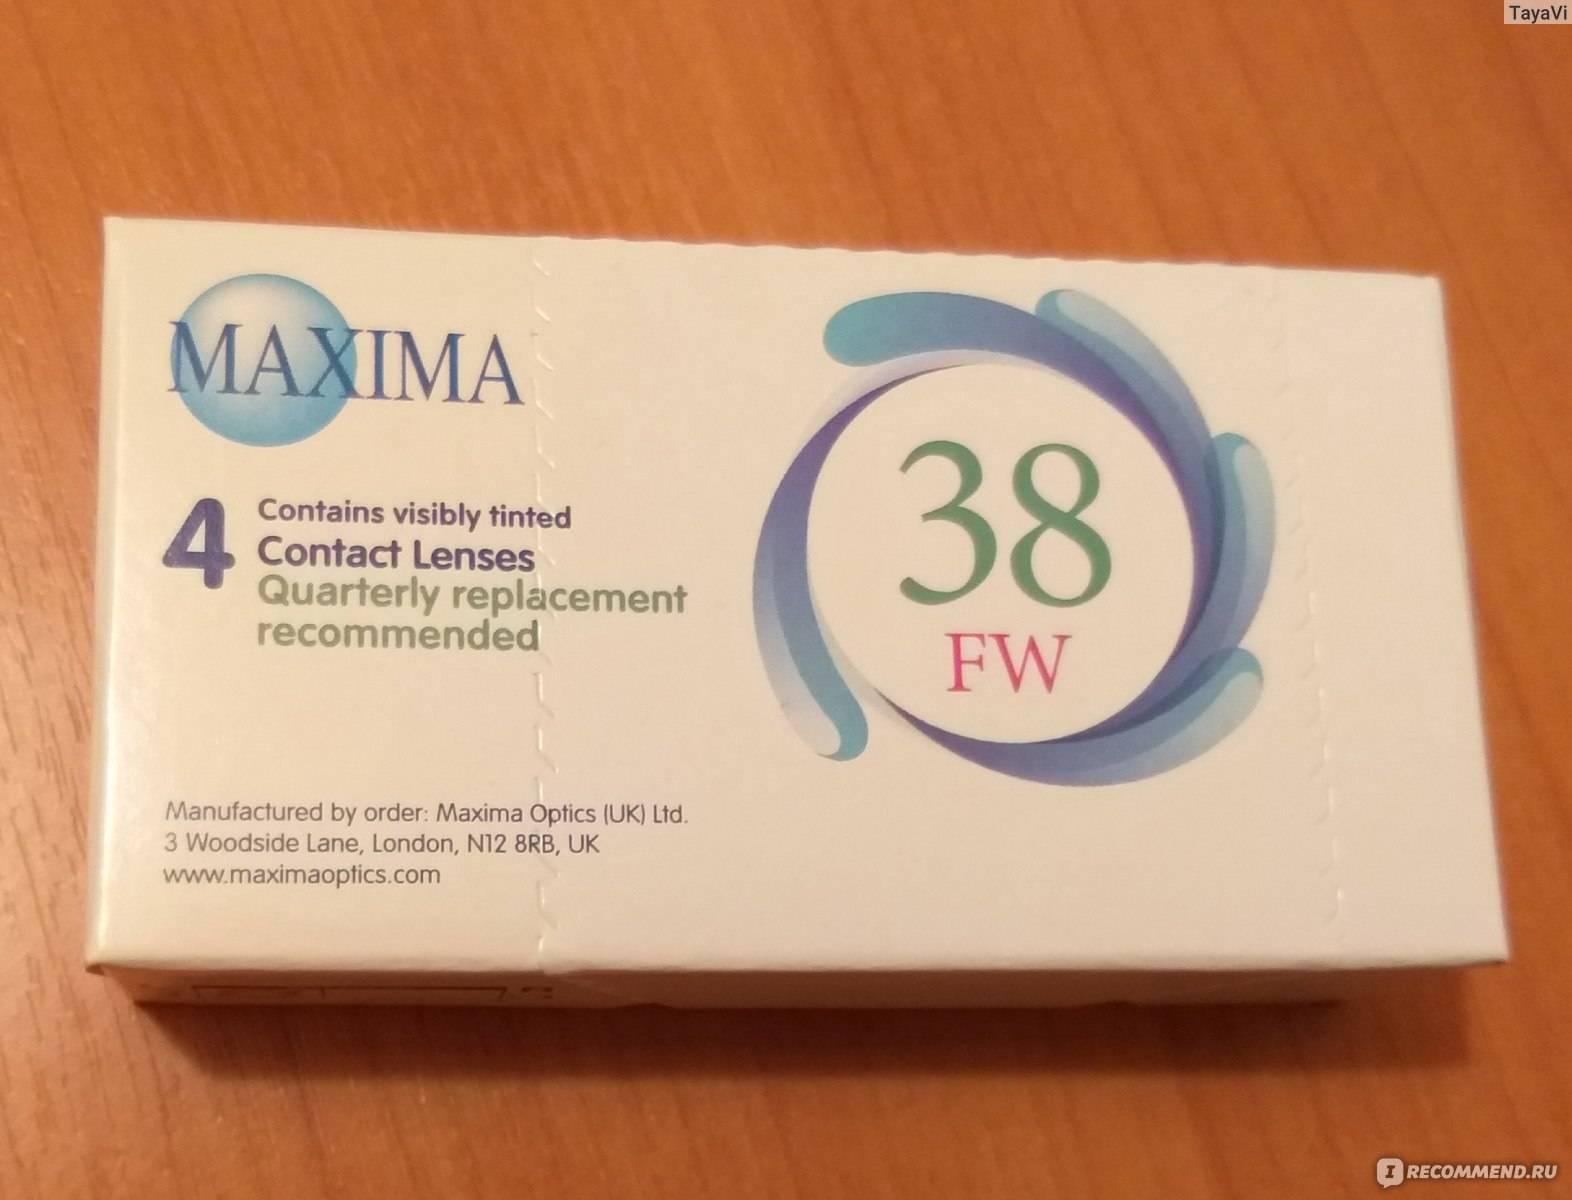 Отдня дотрех месяцев: какие выбрать контактные линзы?